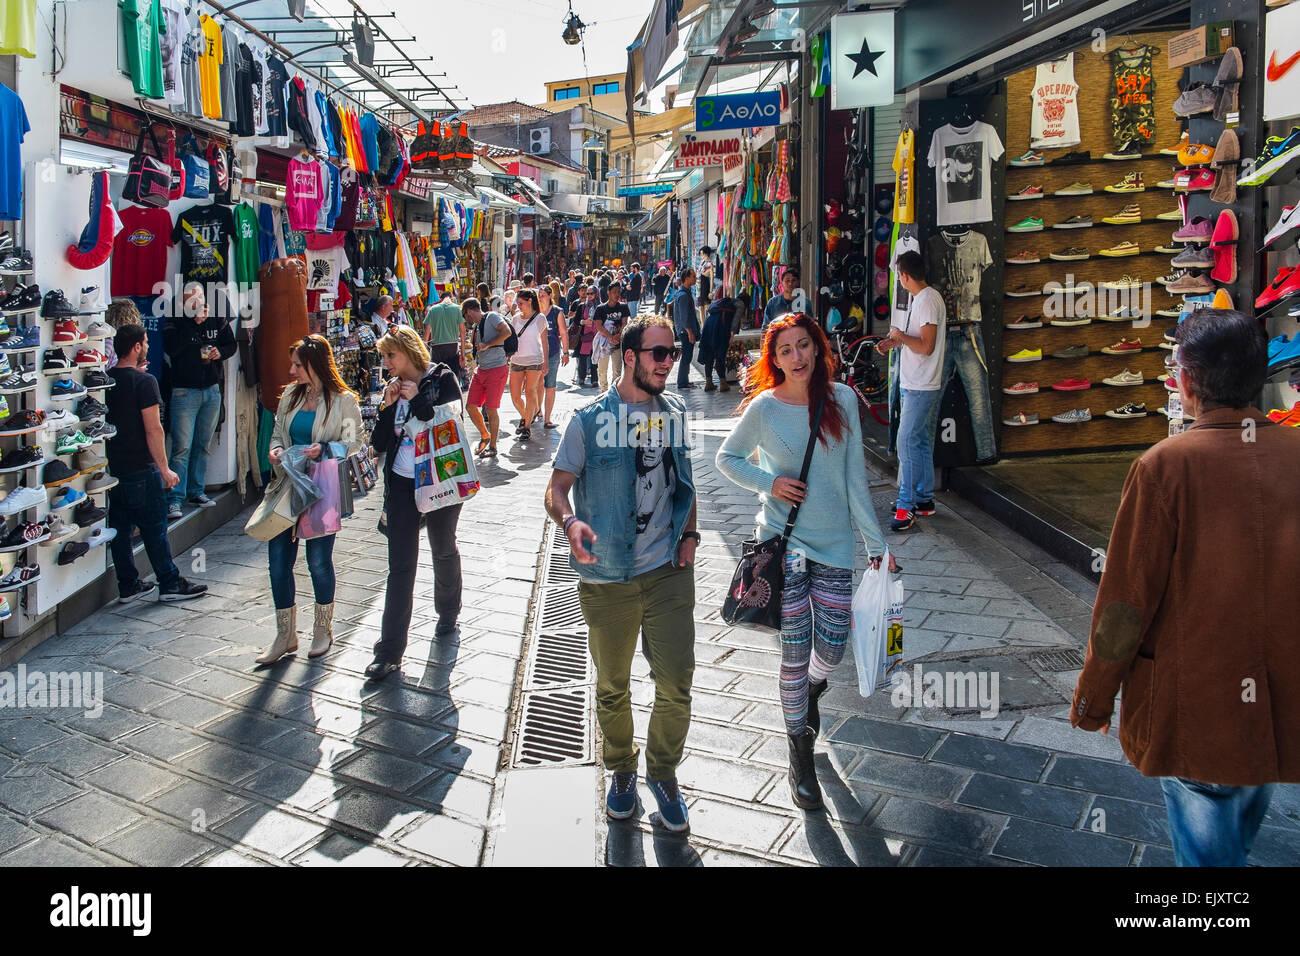 Des gens appelent occasionnels flânant à pied la rue commerçante souk marché navigation Athènes Photo Stock